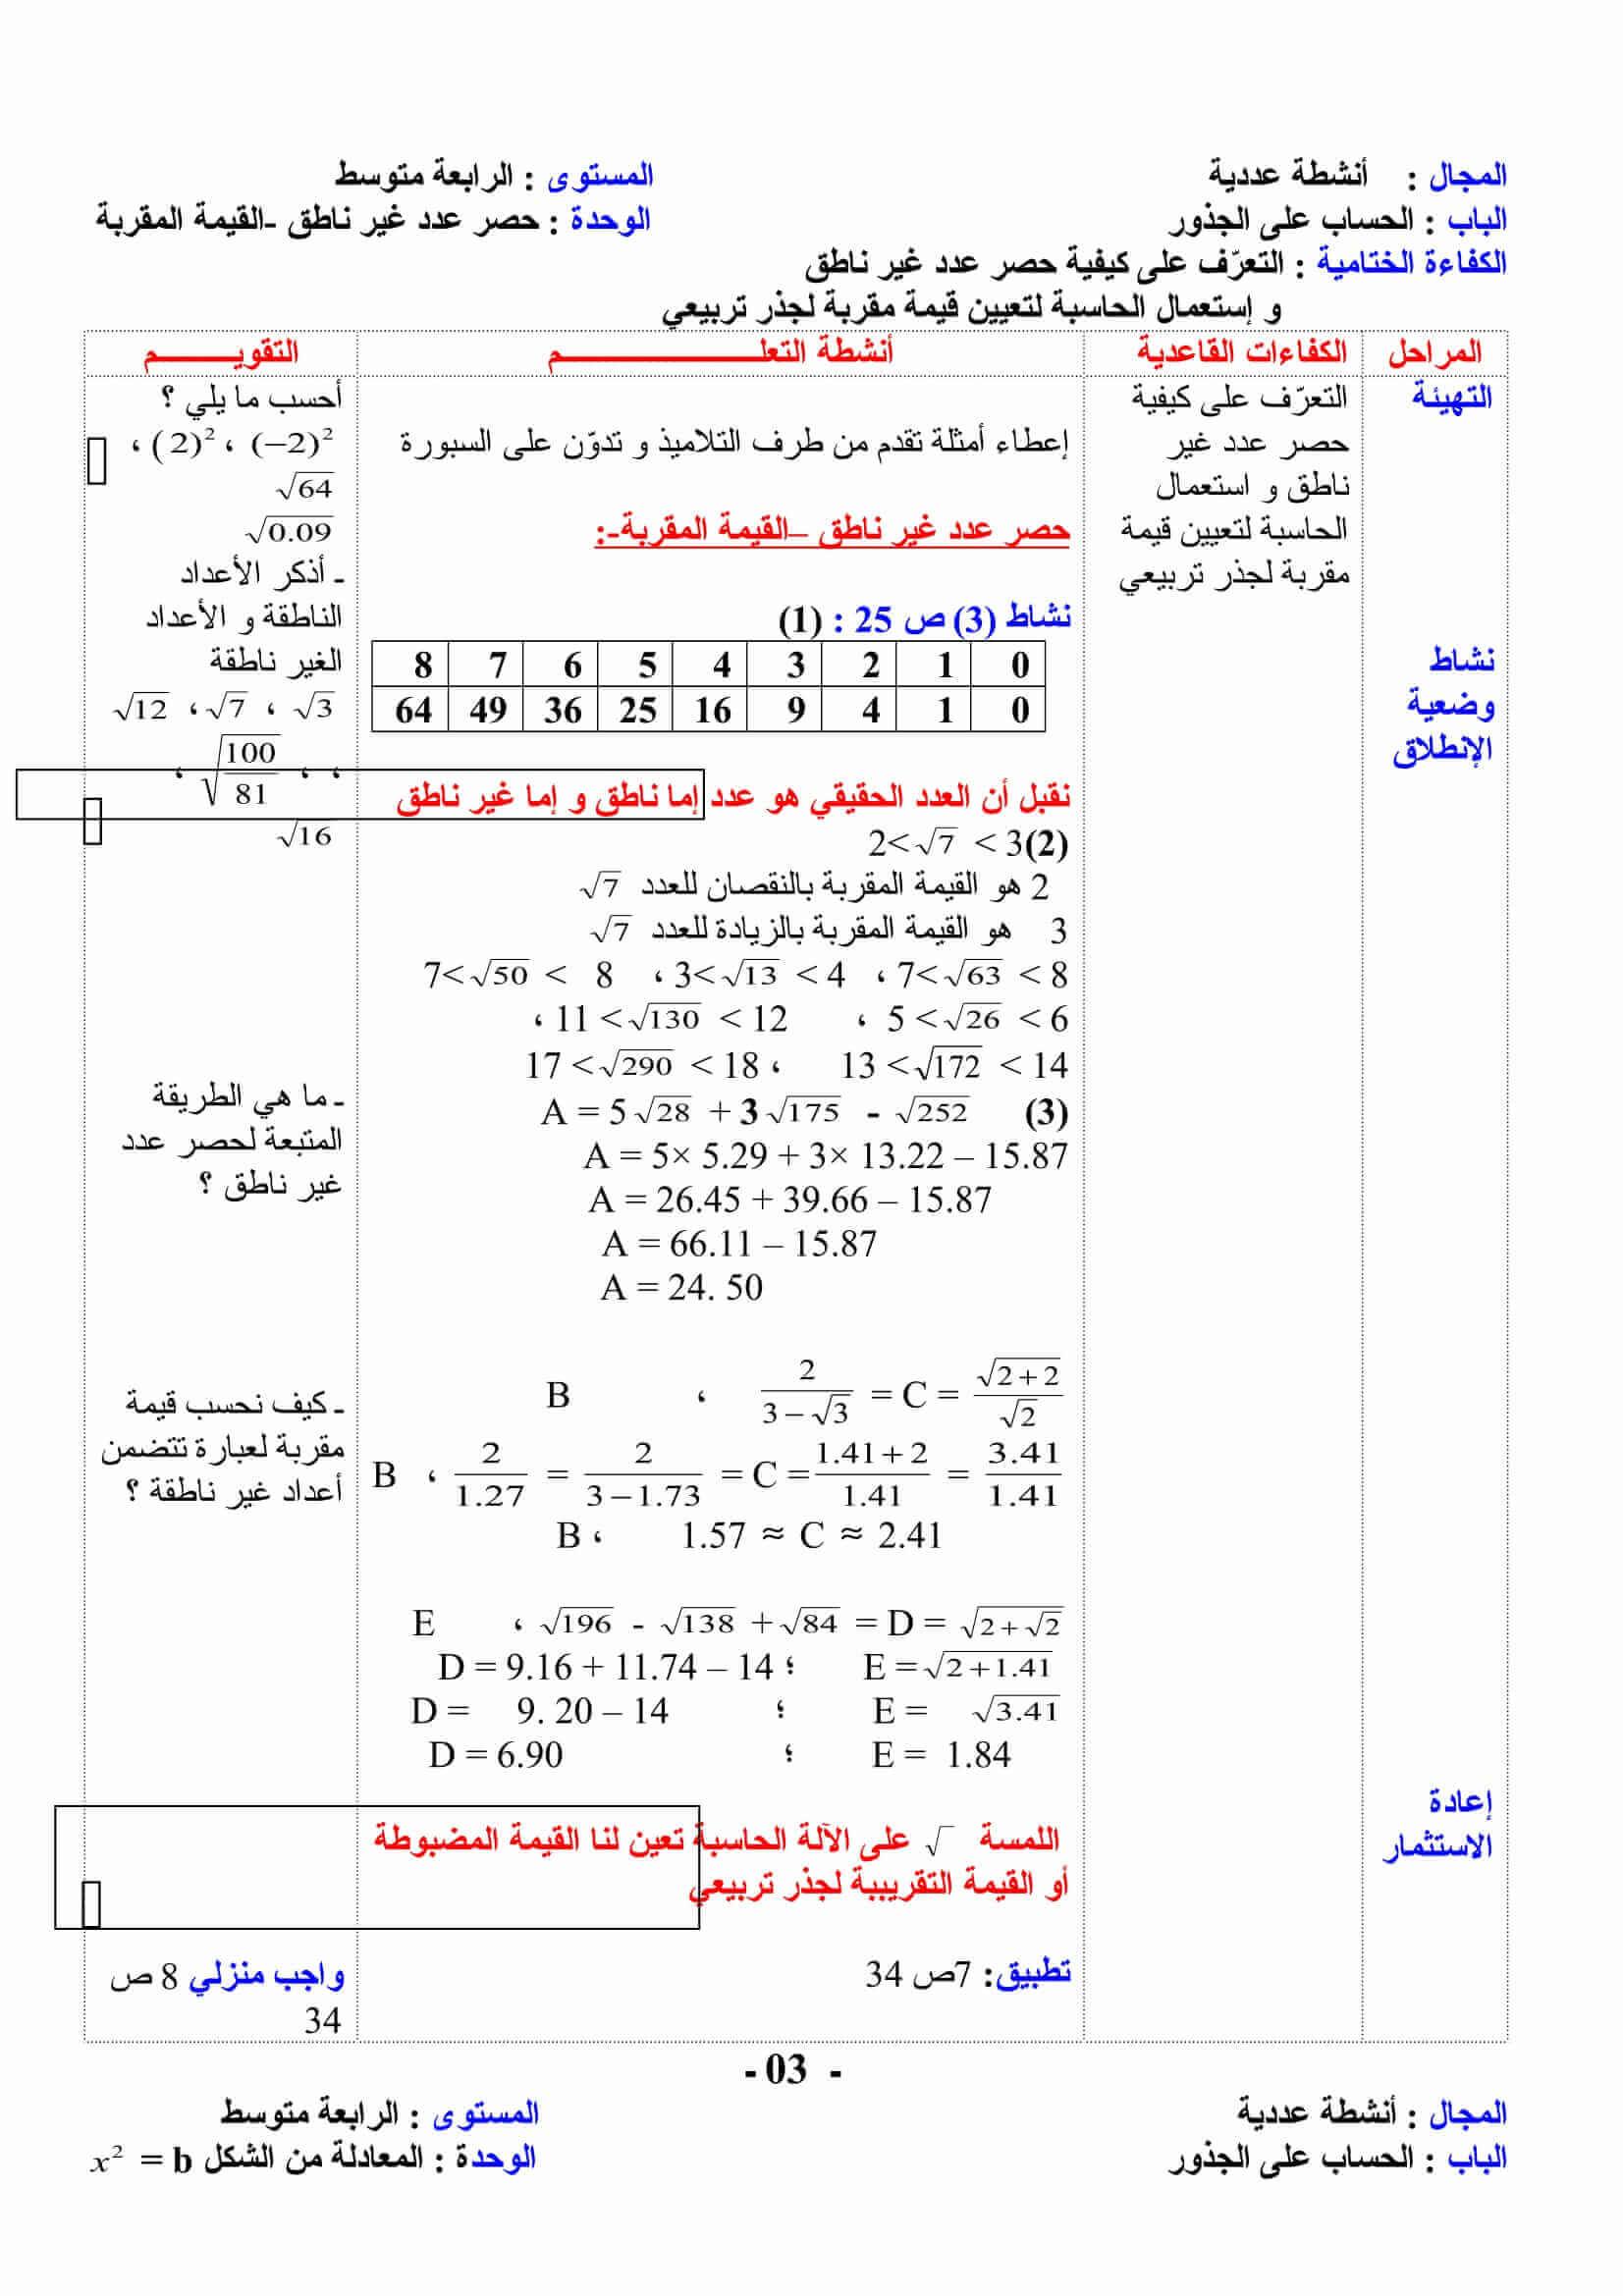 حل تمارين الرياضيات للسنة الرابعة متوسط ص 25 9-1